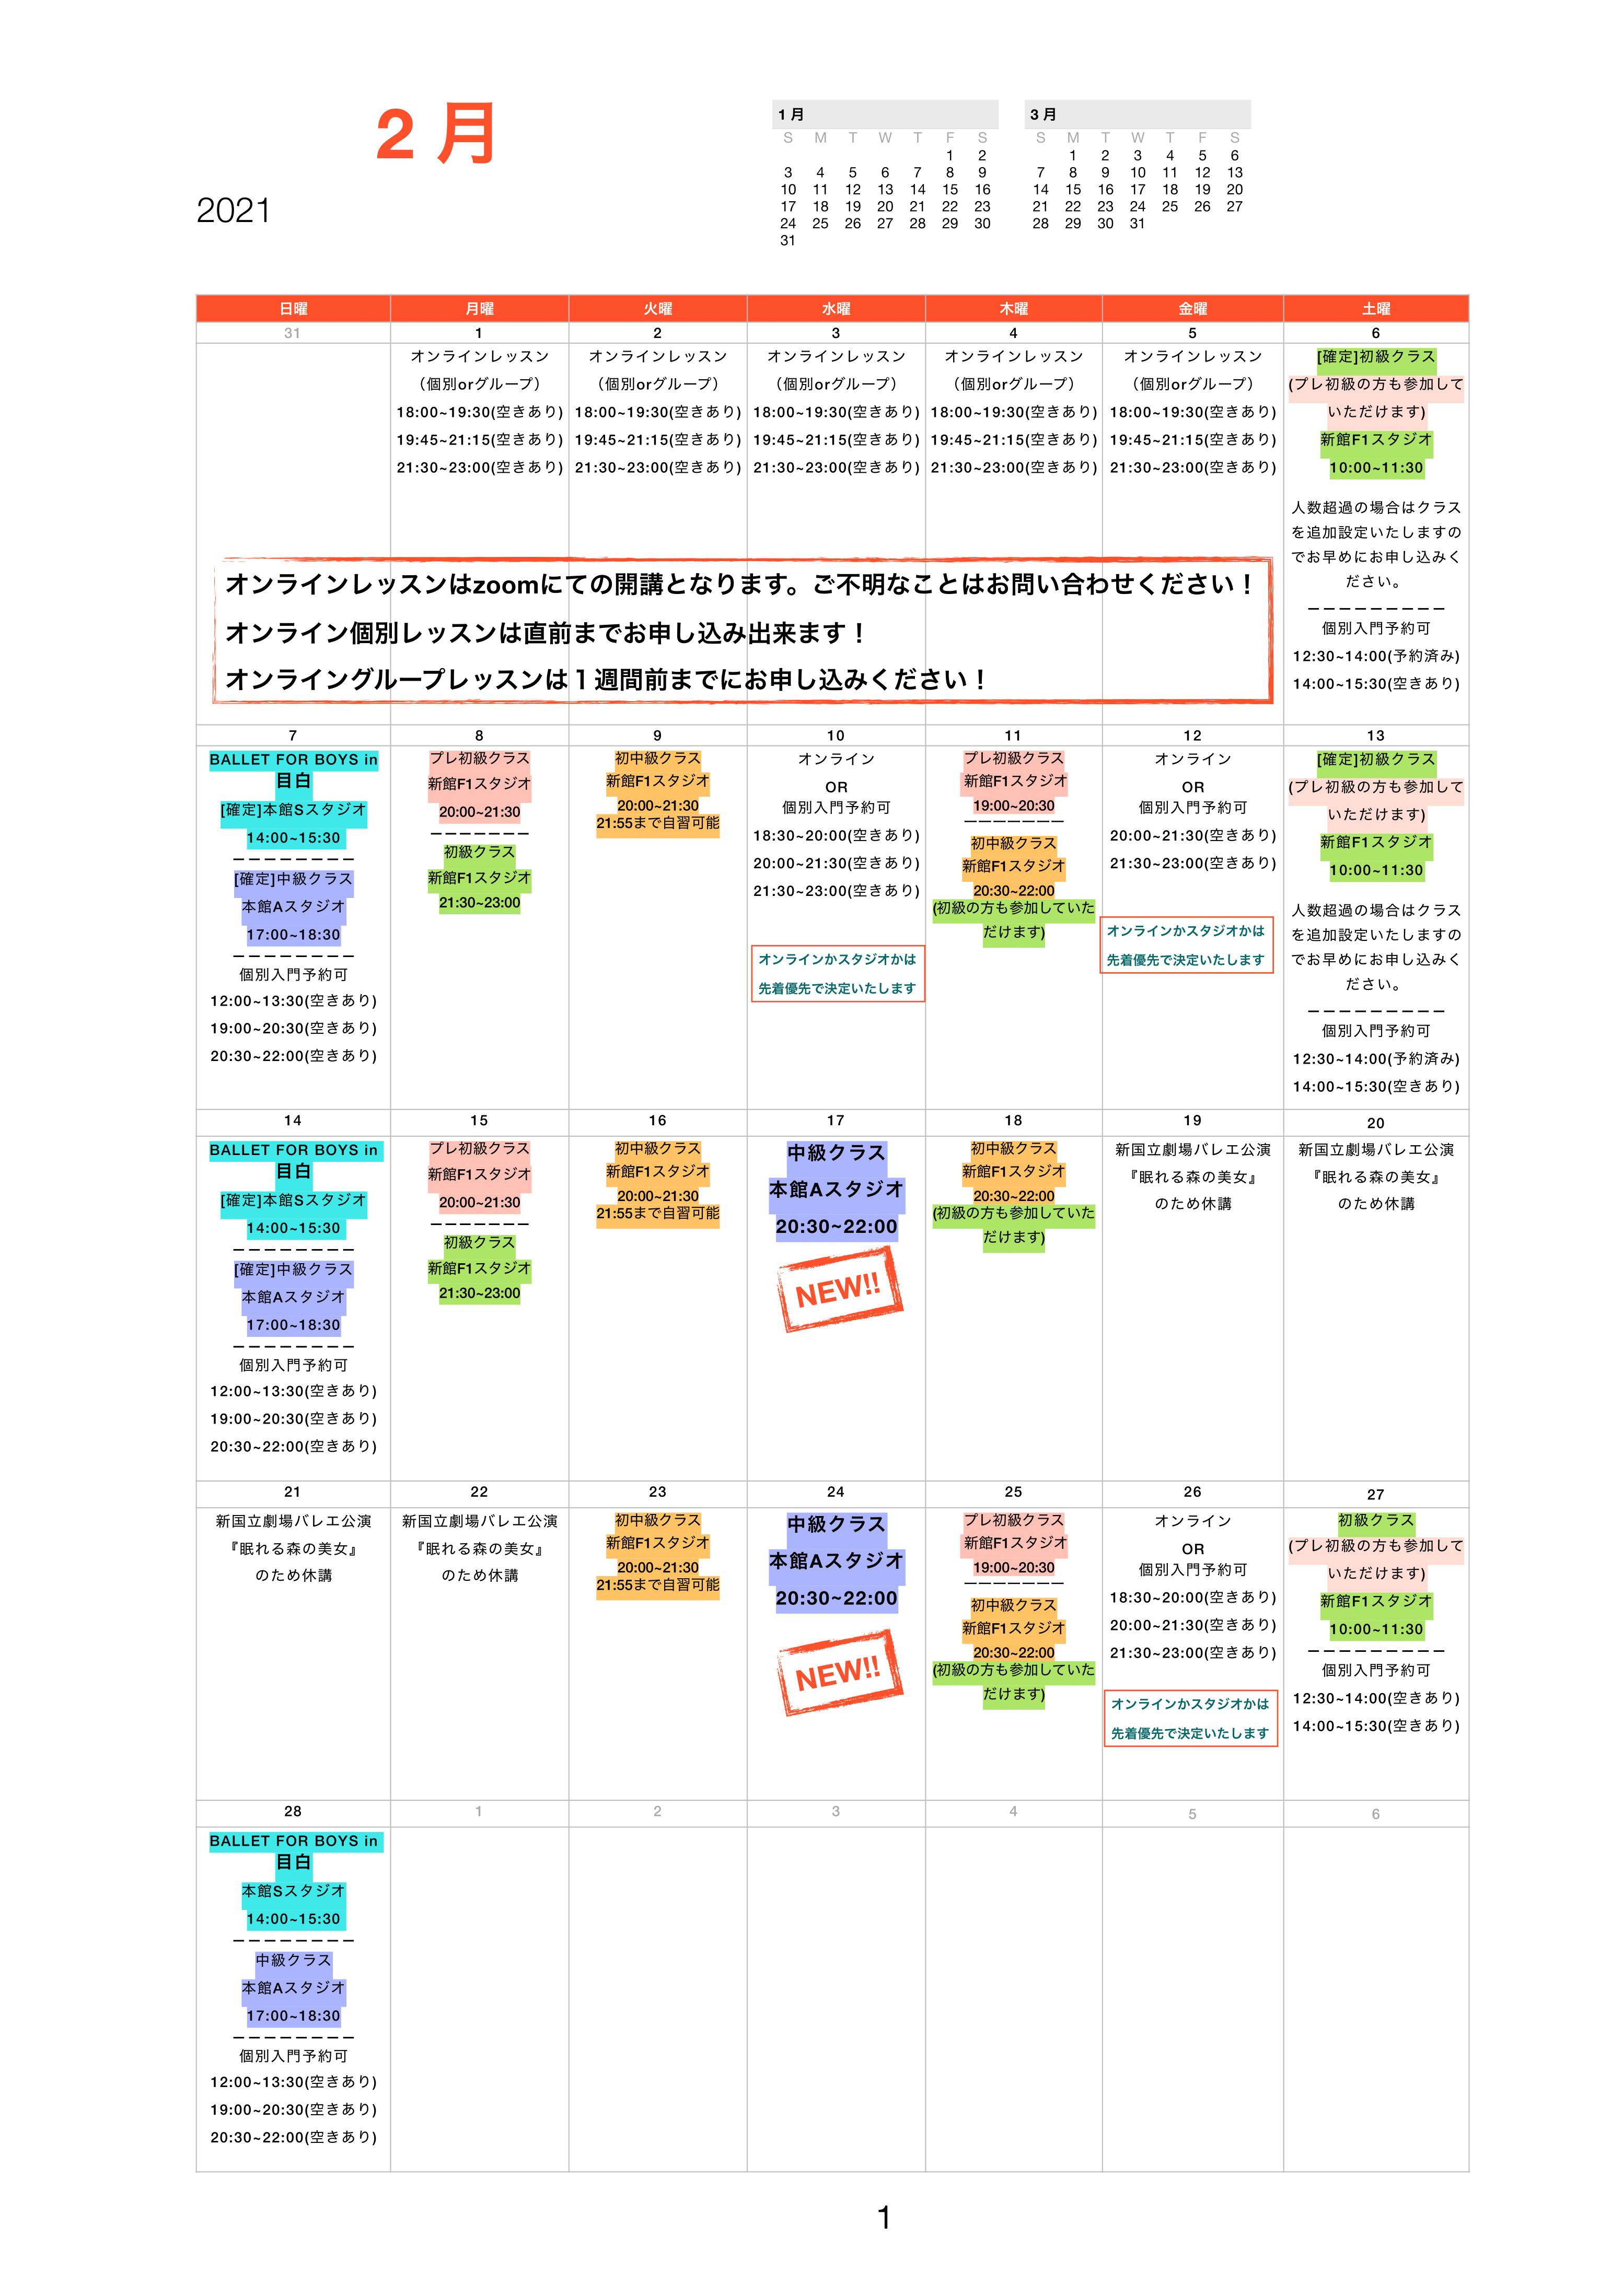 BFMsch2021:2v3オンライン-1